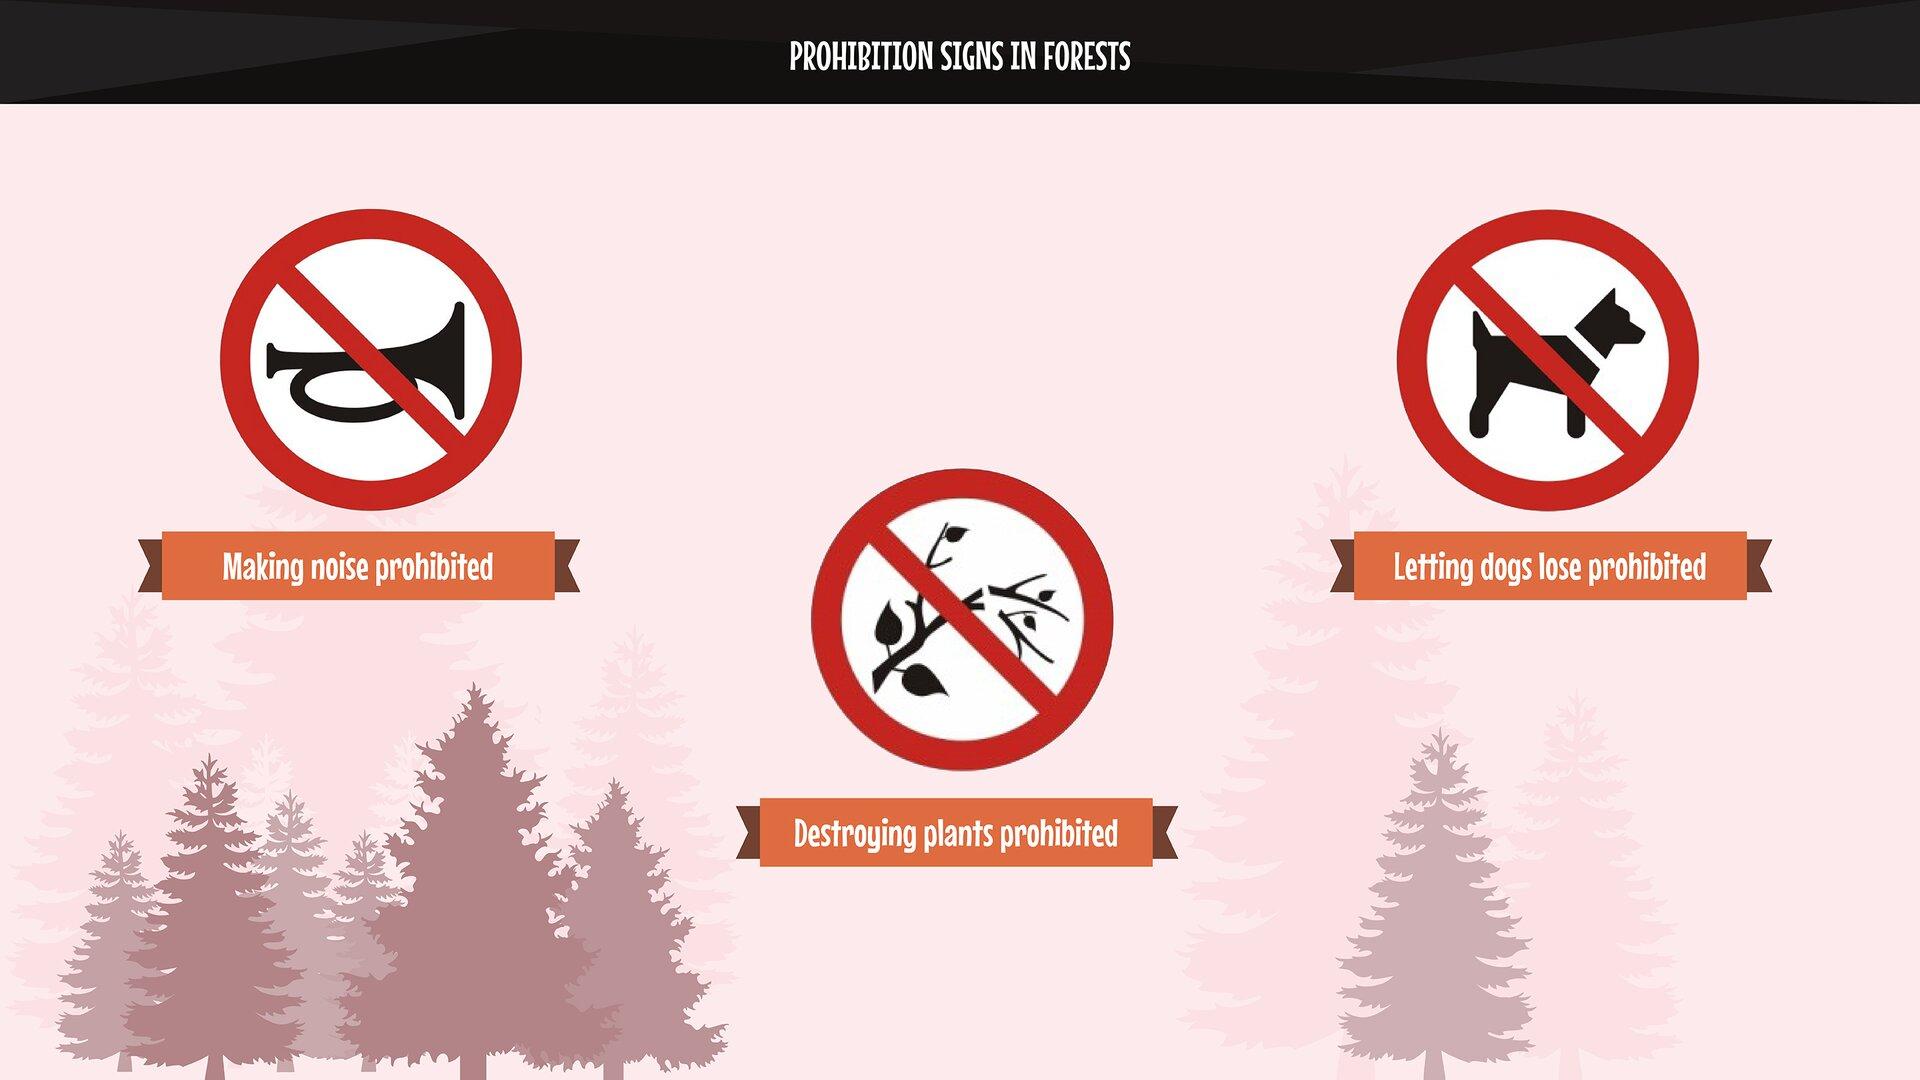 The photo presents pictograms: making noise prohibited, destroying plants prohibited, letting dogs loose prohibited. Zdjęcie przedstawia piktogramy: zakaz hałasowania, zakaz niszczenia roślin, zakaz puszczania psów luzem.